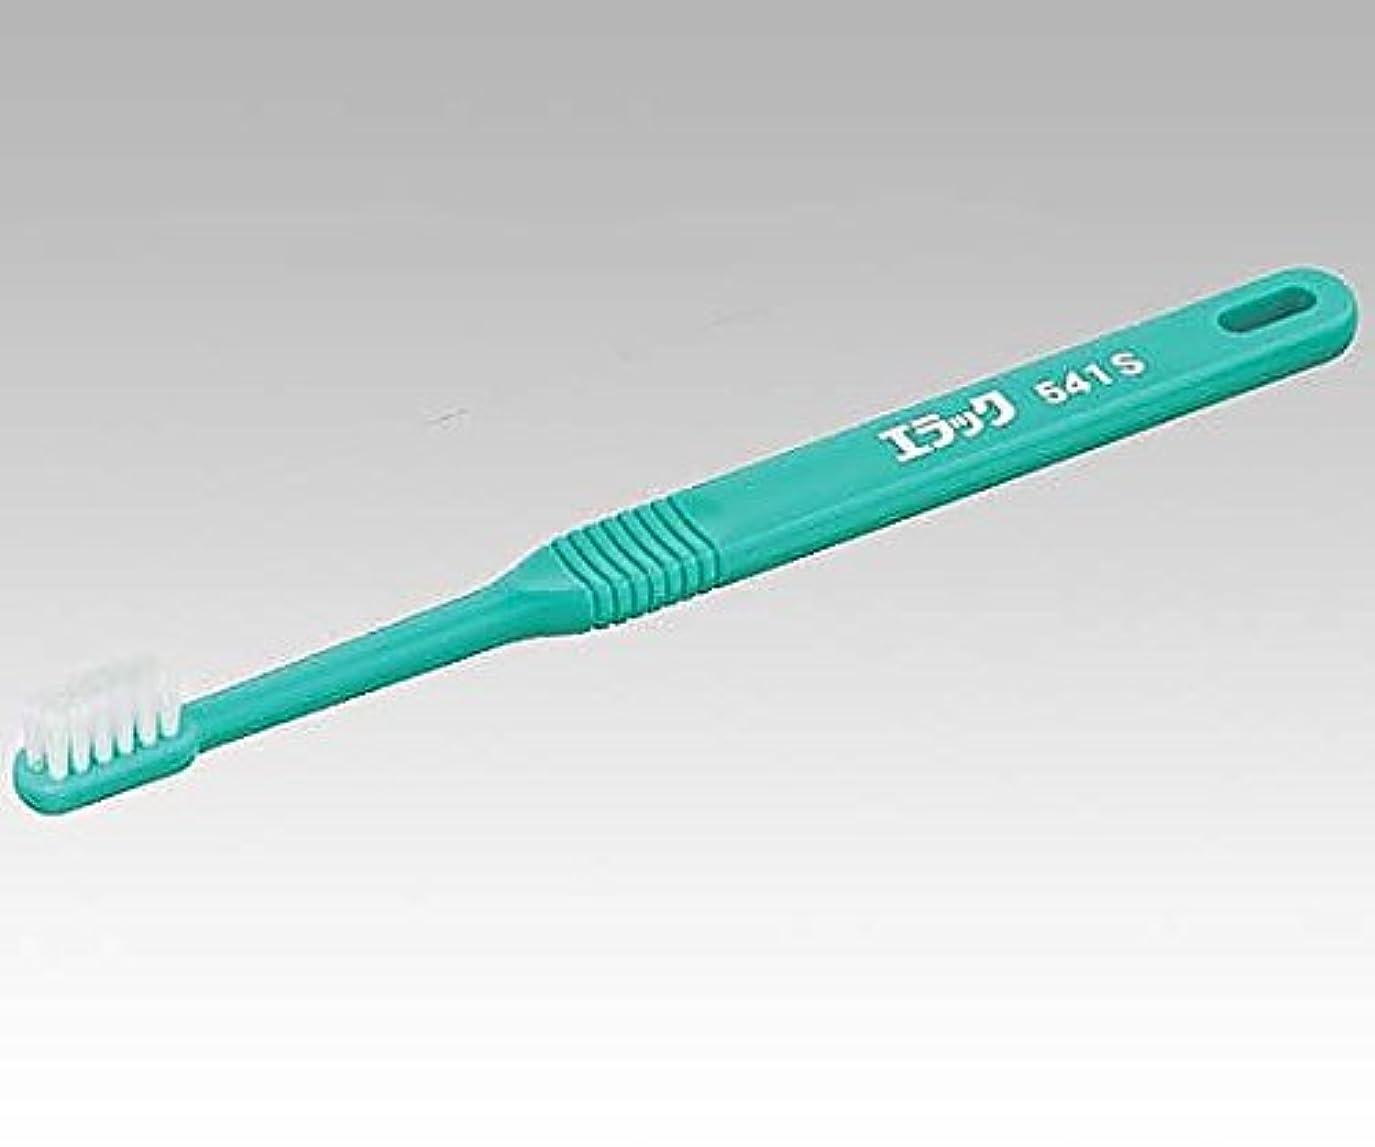 年金受給者ドロップロープライオン8-7892-13介助用歯ブラシ(ソフト/20箱入)